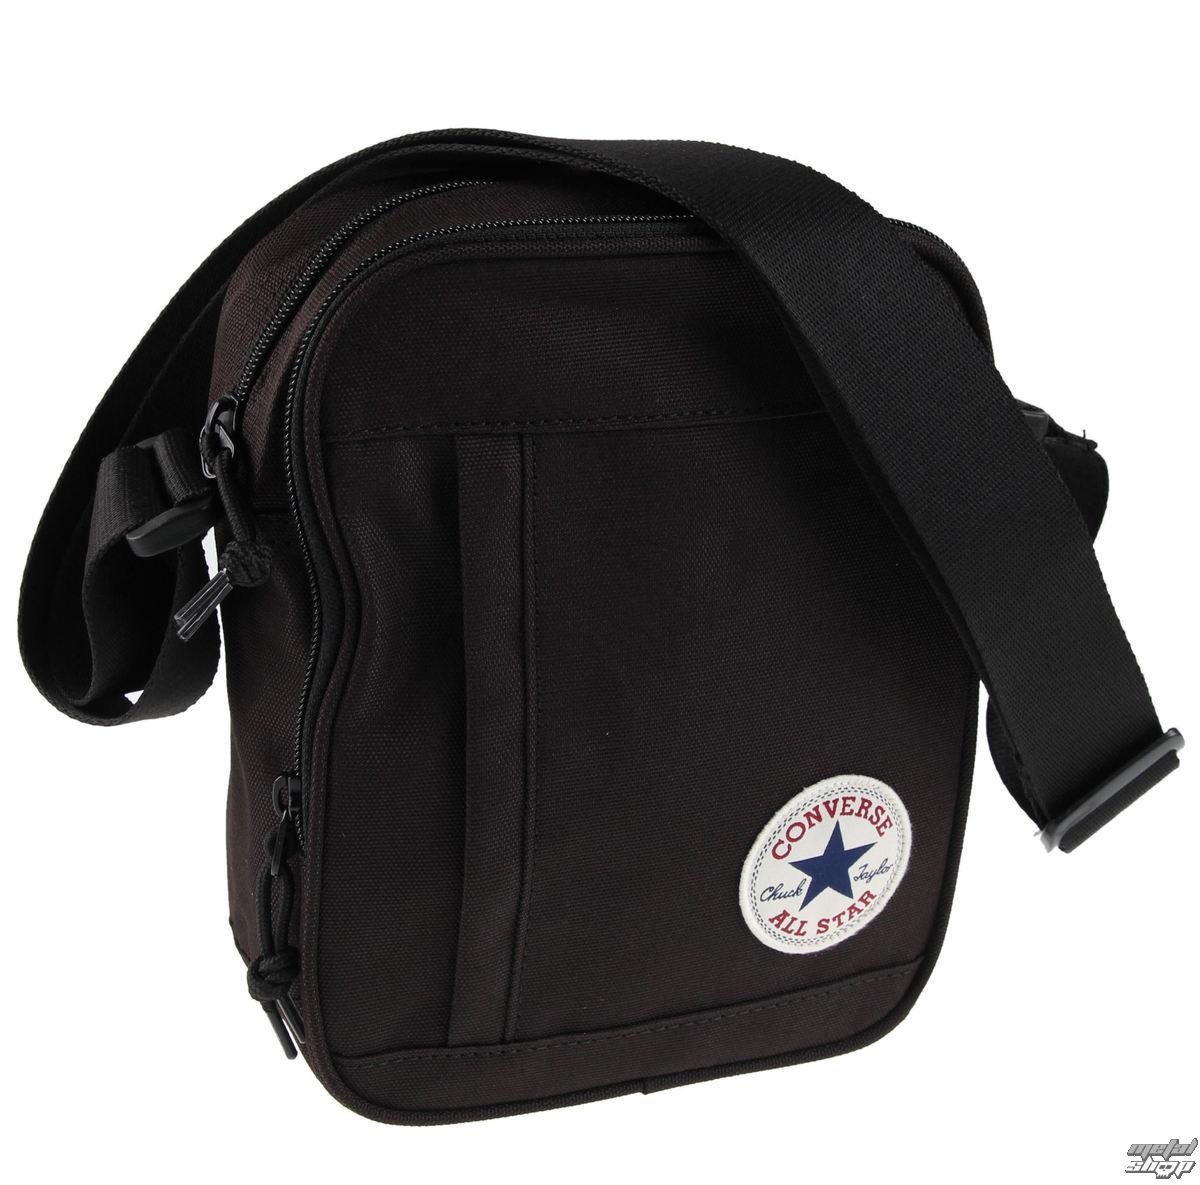 8558754ad8b taška malá CONVERSE - Poly Cross Body - Black - 10003338-A01 ...